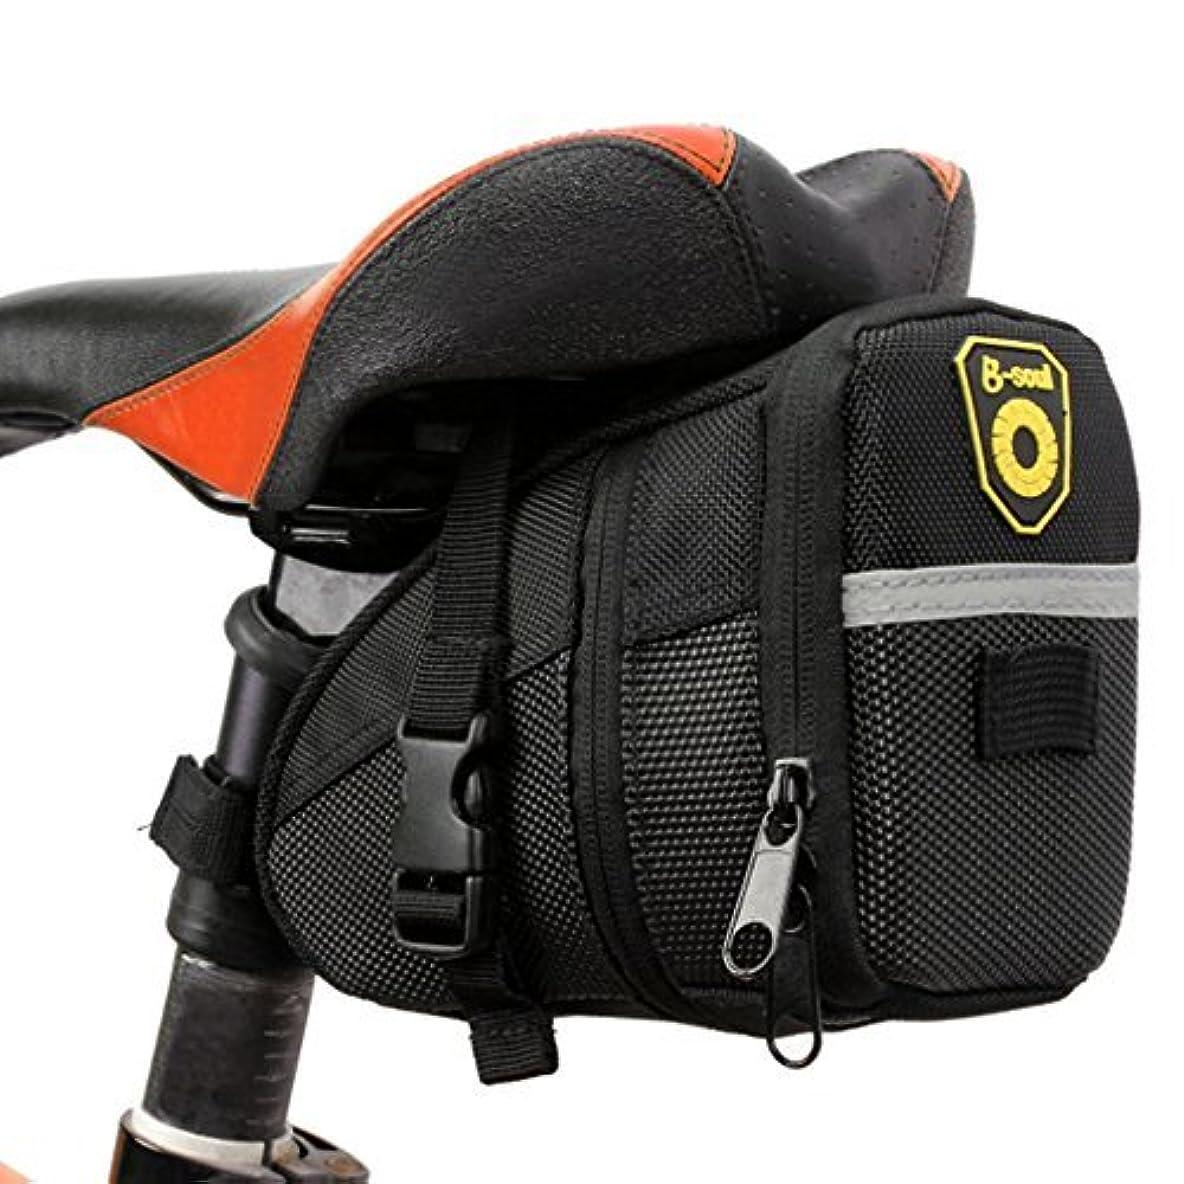 大腿幸運なことに危険【ハンズワン】 自転車バッグ ストラップ式 サドルバッグ サイズ拡張可 大容量 防水 反射材付き